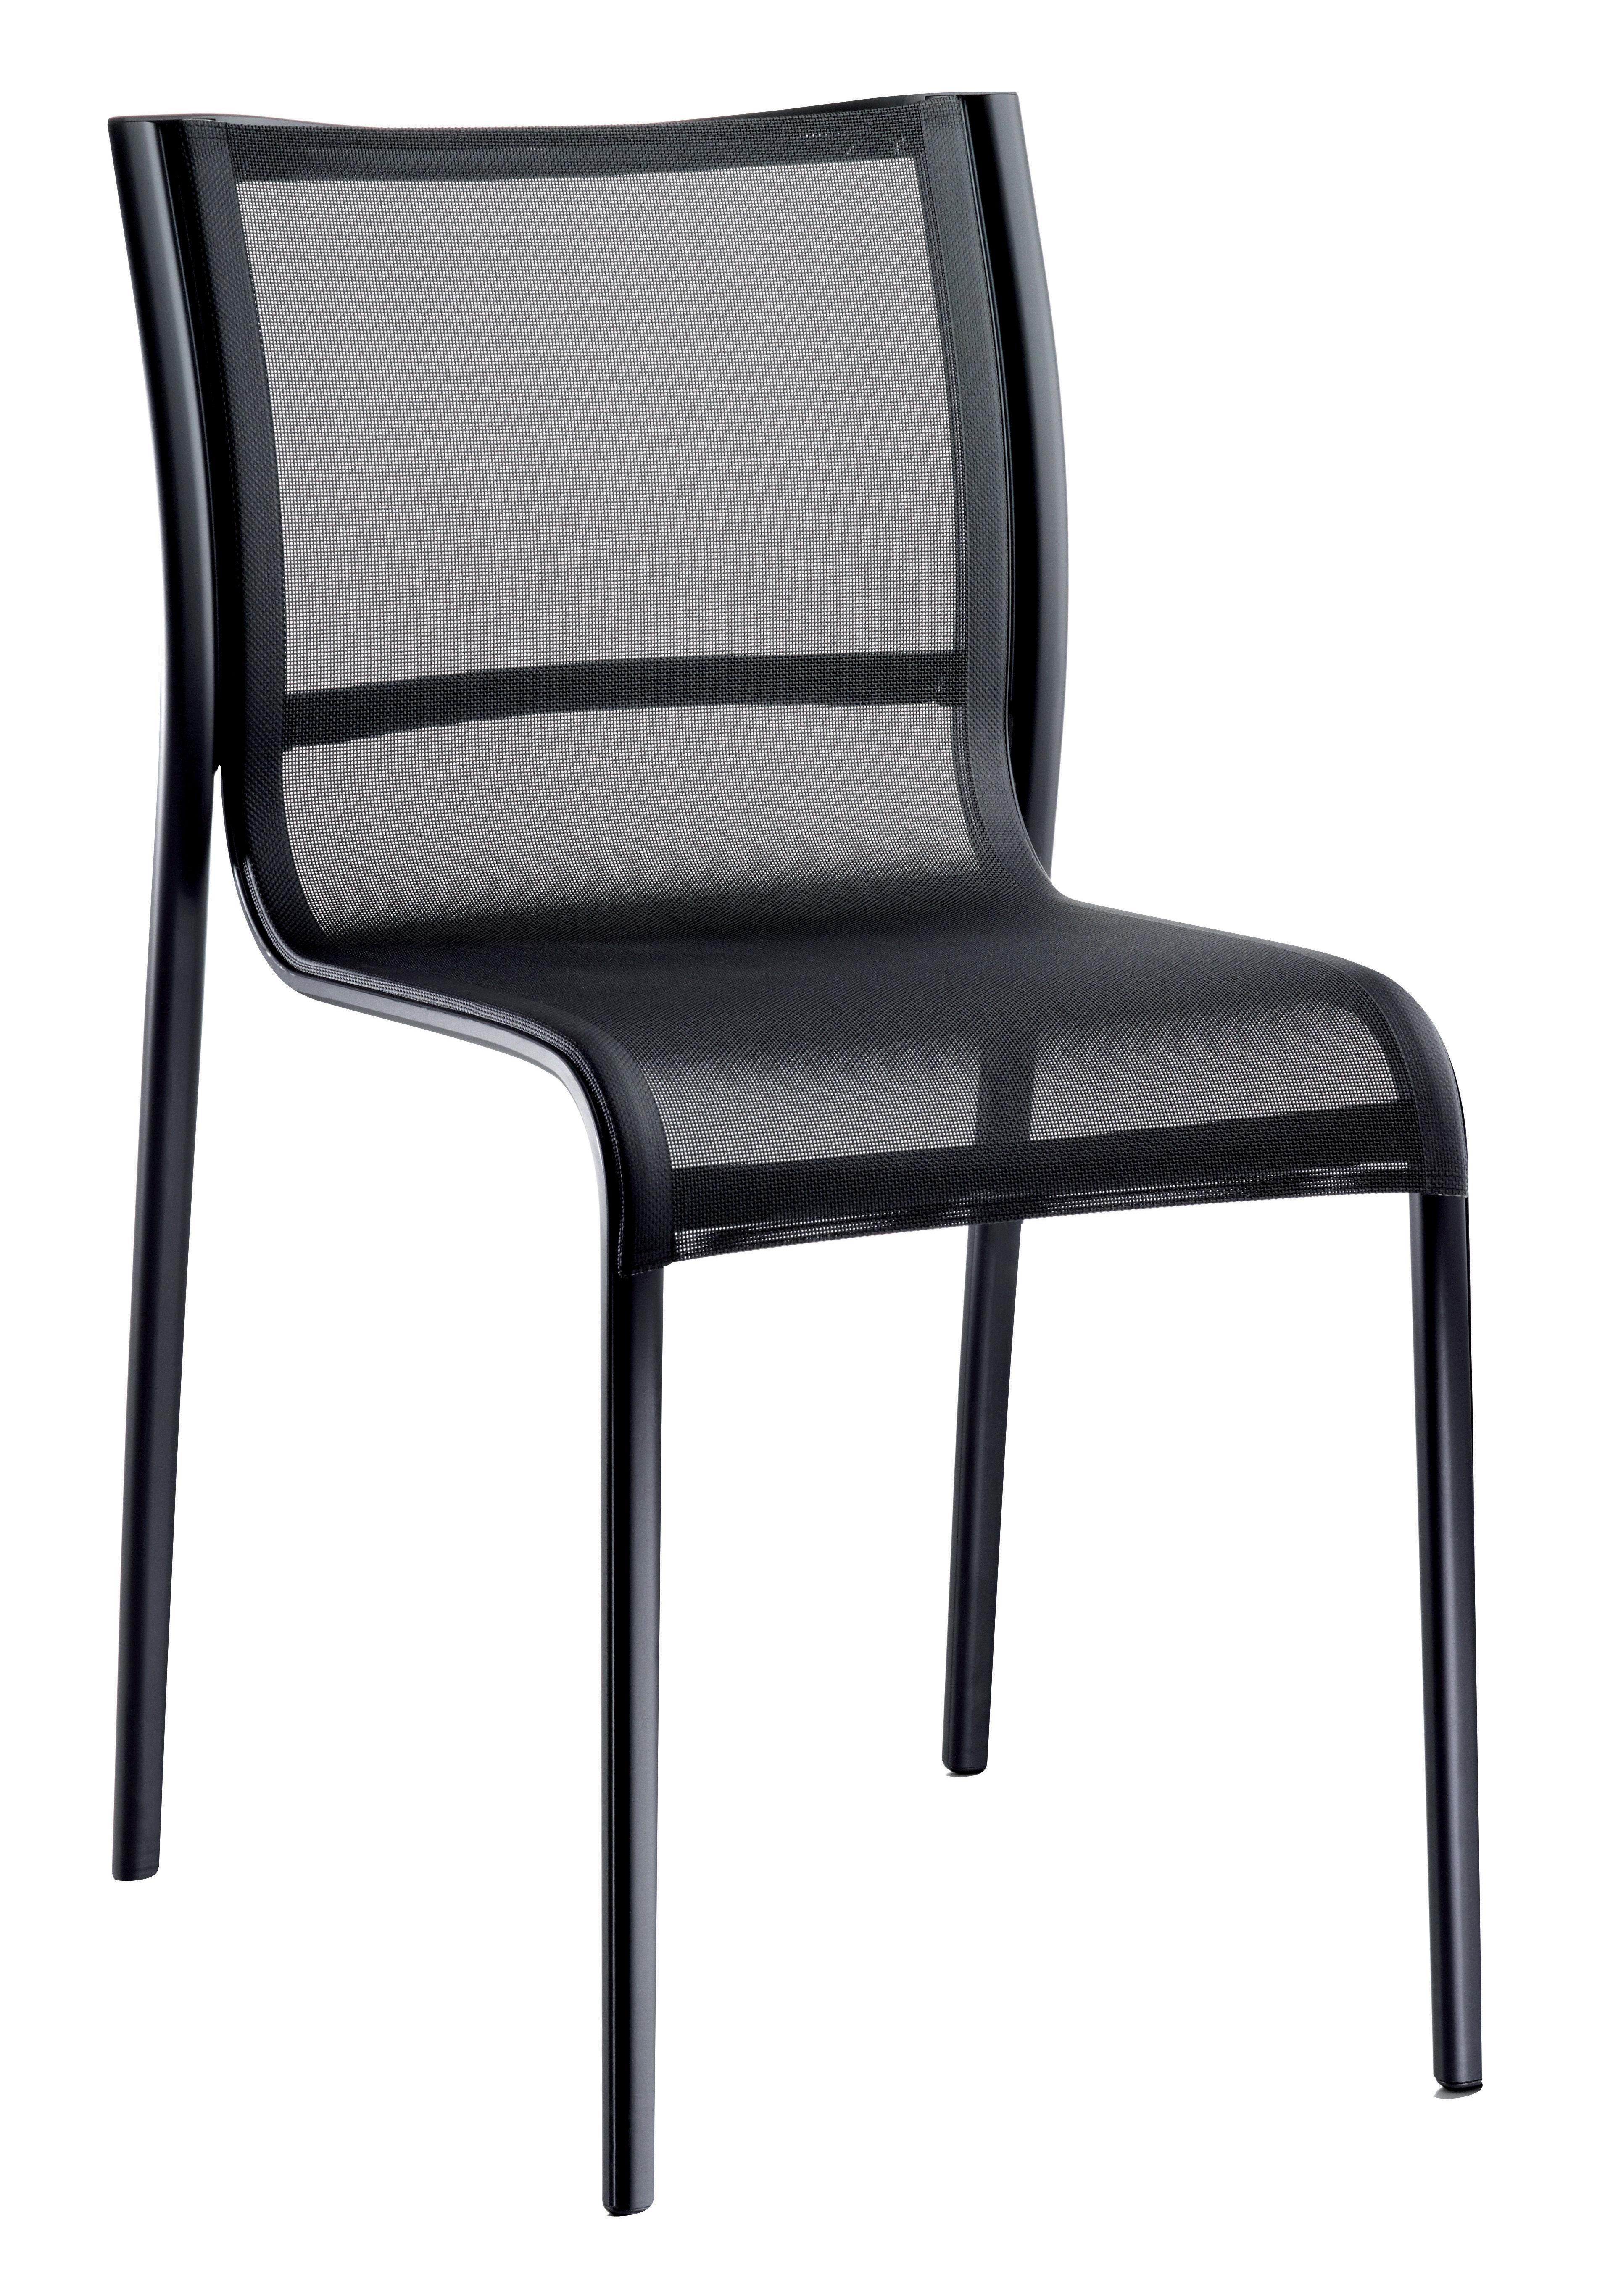 Möbel - Stühle  - Paso Doble Stapelbarer Stuhl - Magis - Schwarz / Gestell schwarz - klarlackbeschichtetes Aluminium, Leinen